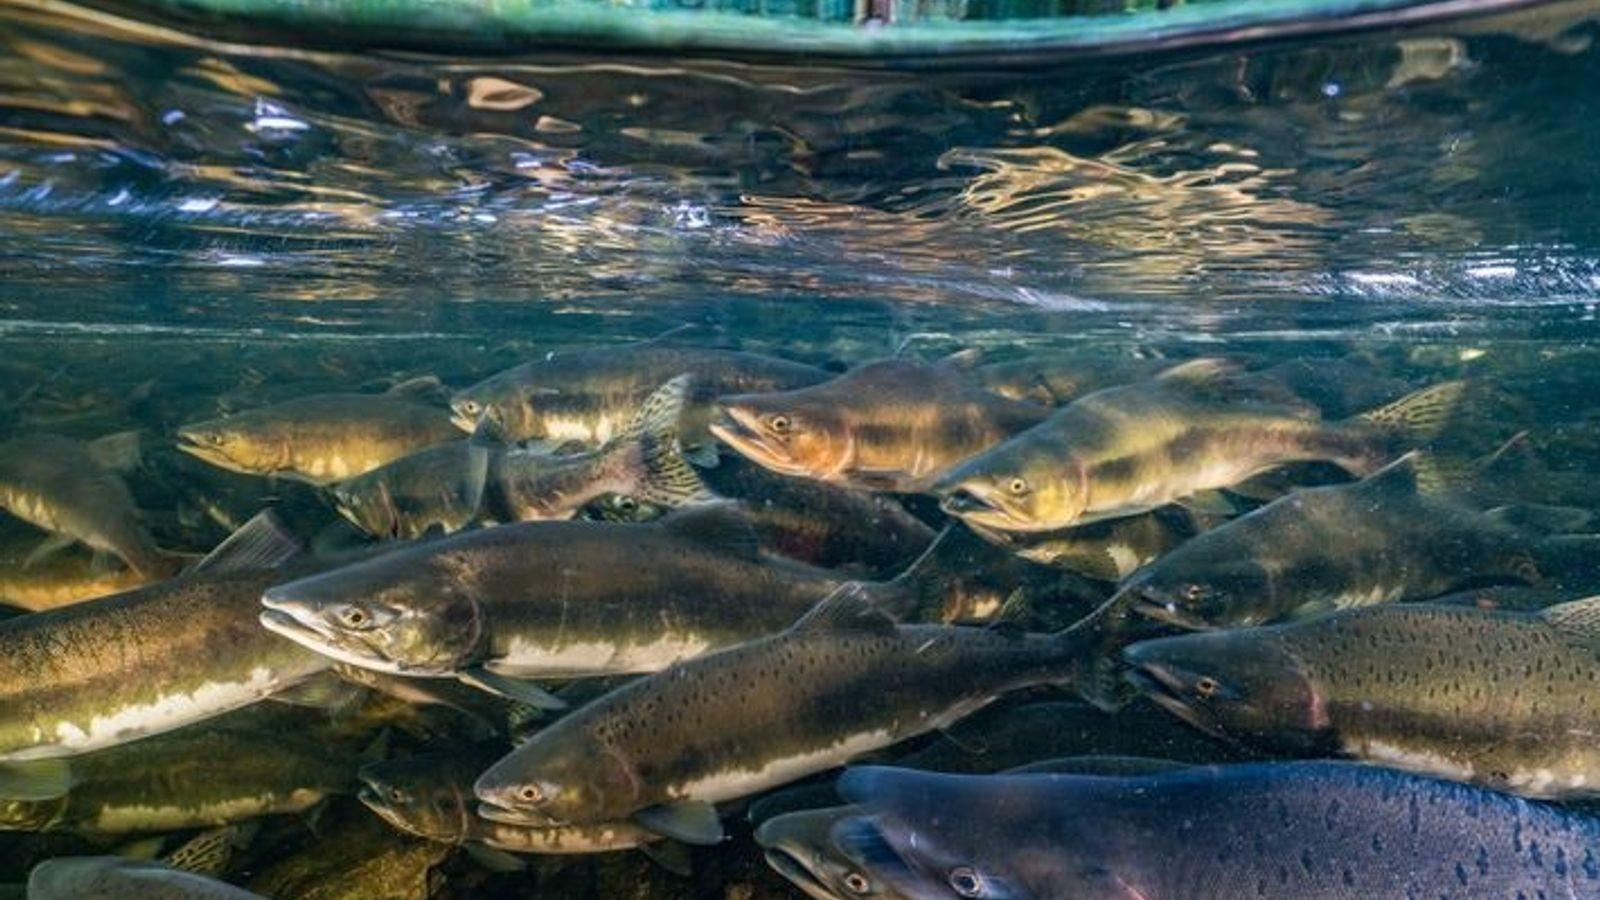 Como muchos peces migratorios, el salmón real (Oncorhynchus tshawytscha) está amenazado por la sobrepesca, la degradación ...